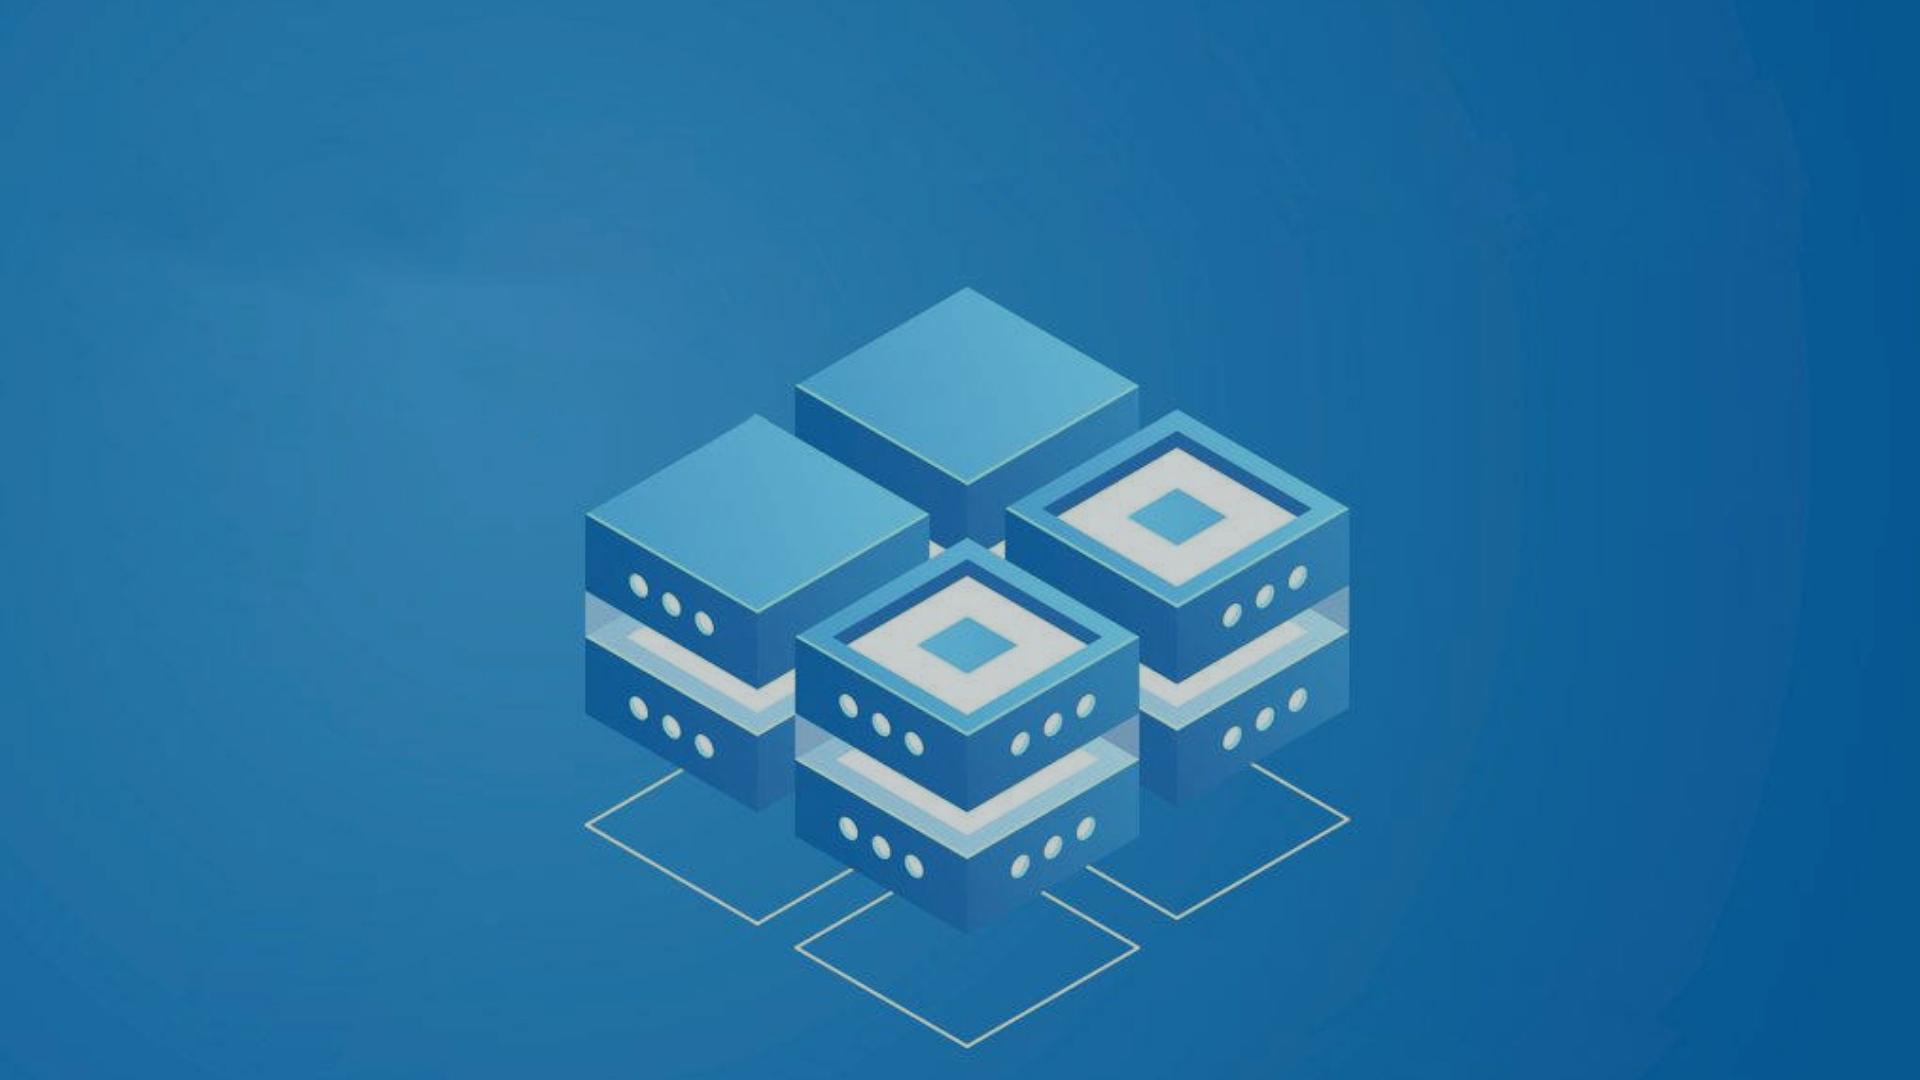 高级企业数据库优化实战 Redis+Mongodb+MySQL+Sphinx+Ngnix优化提升实战视频教程